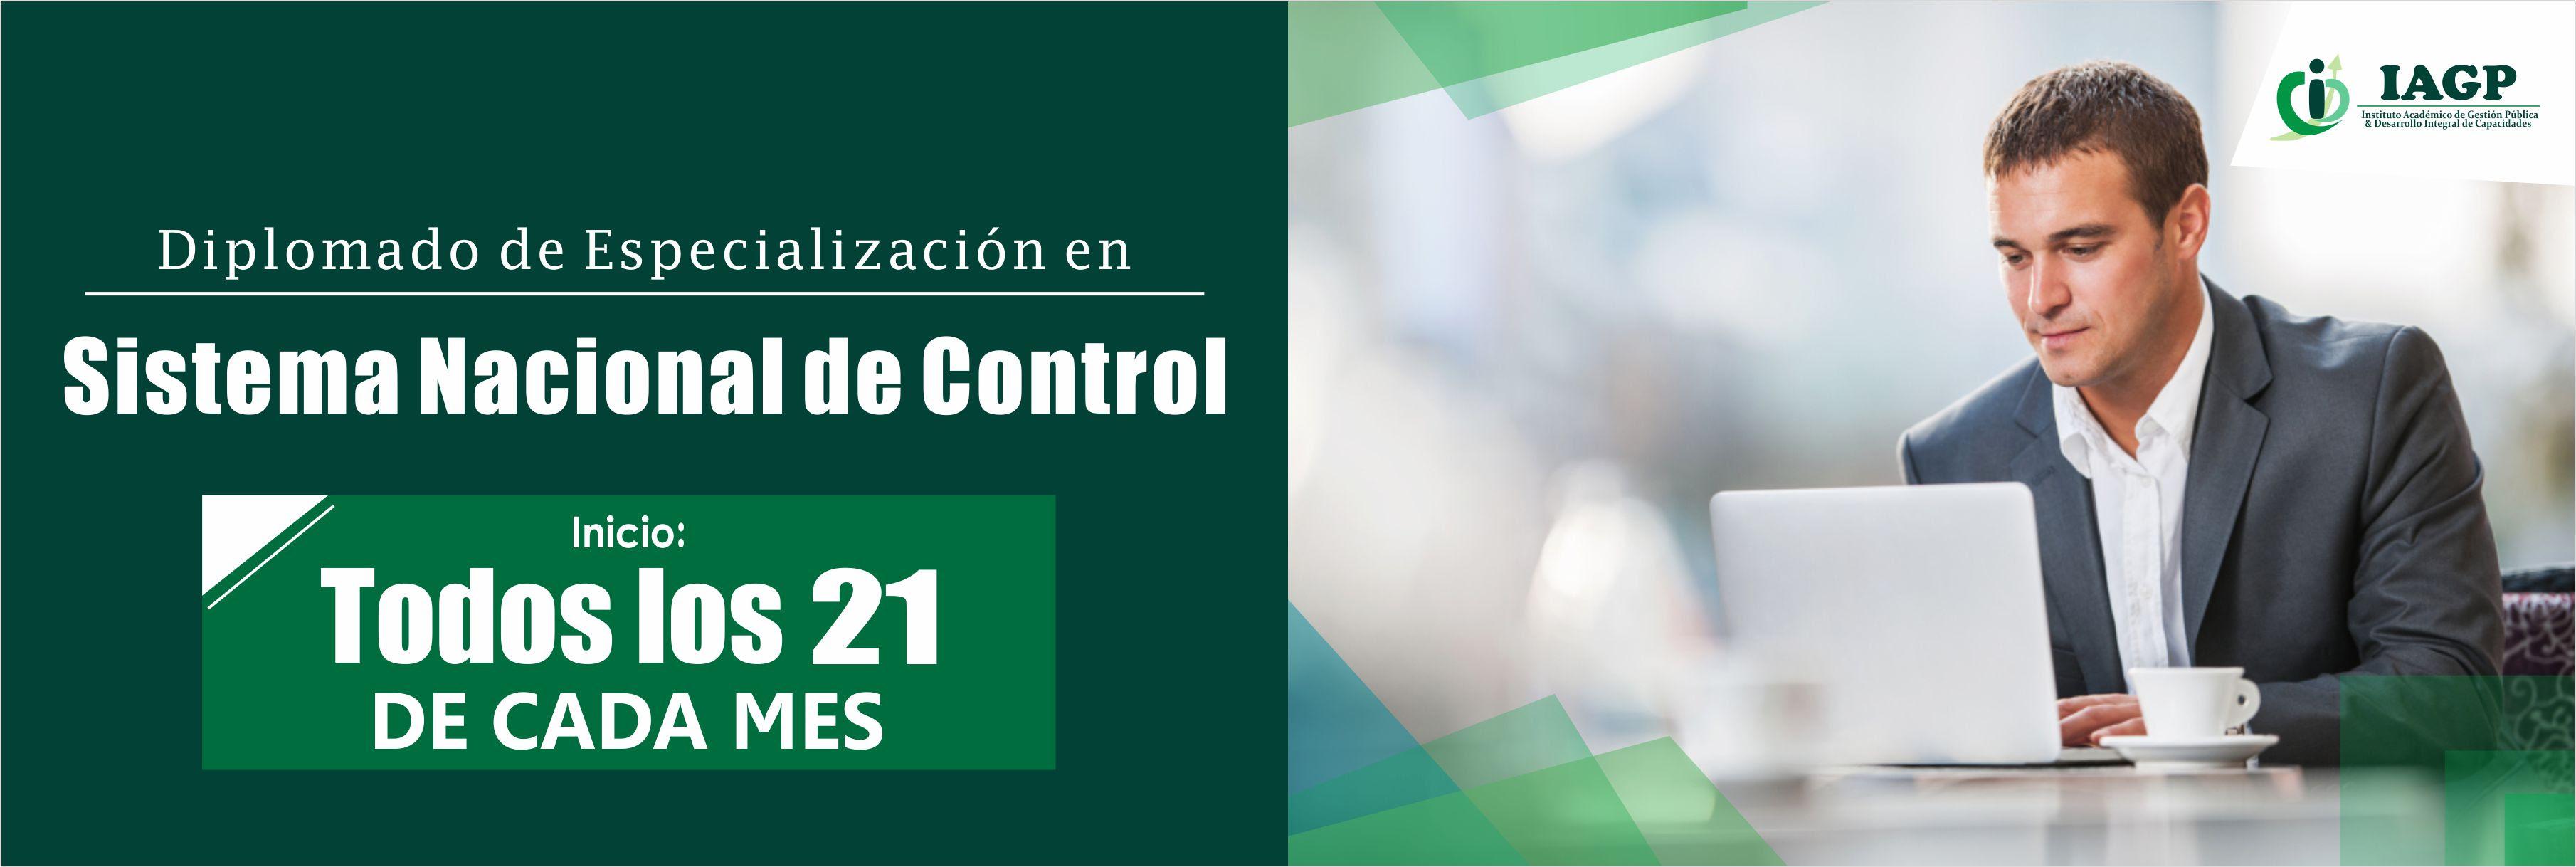 http://iagp.edu.pe/portalweb/catalogo/programas_actuales.aspx?b=sistema%20nacional%20de%20control